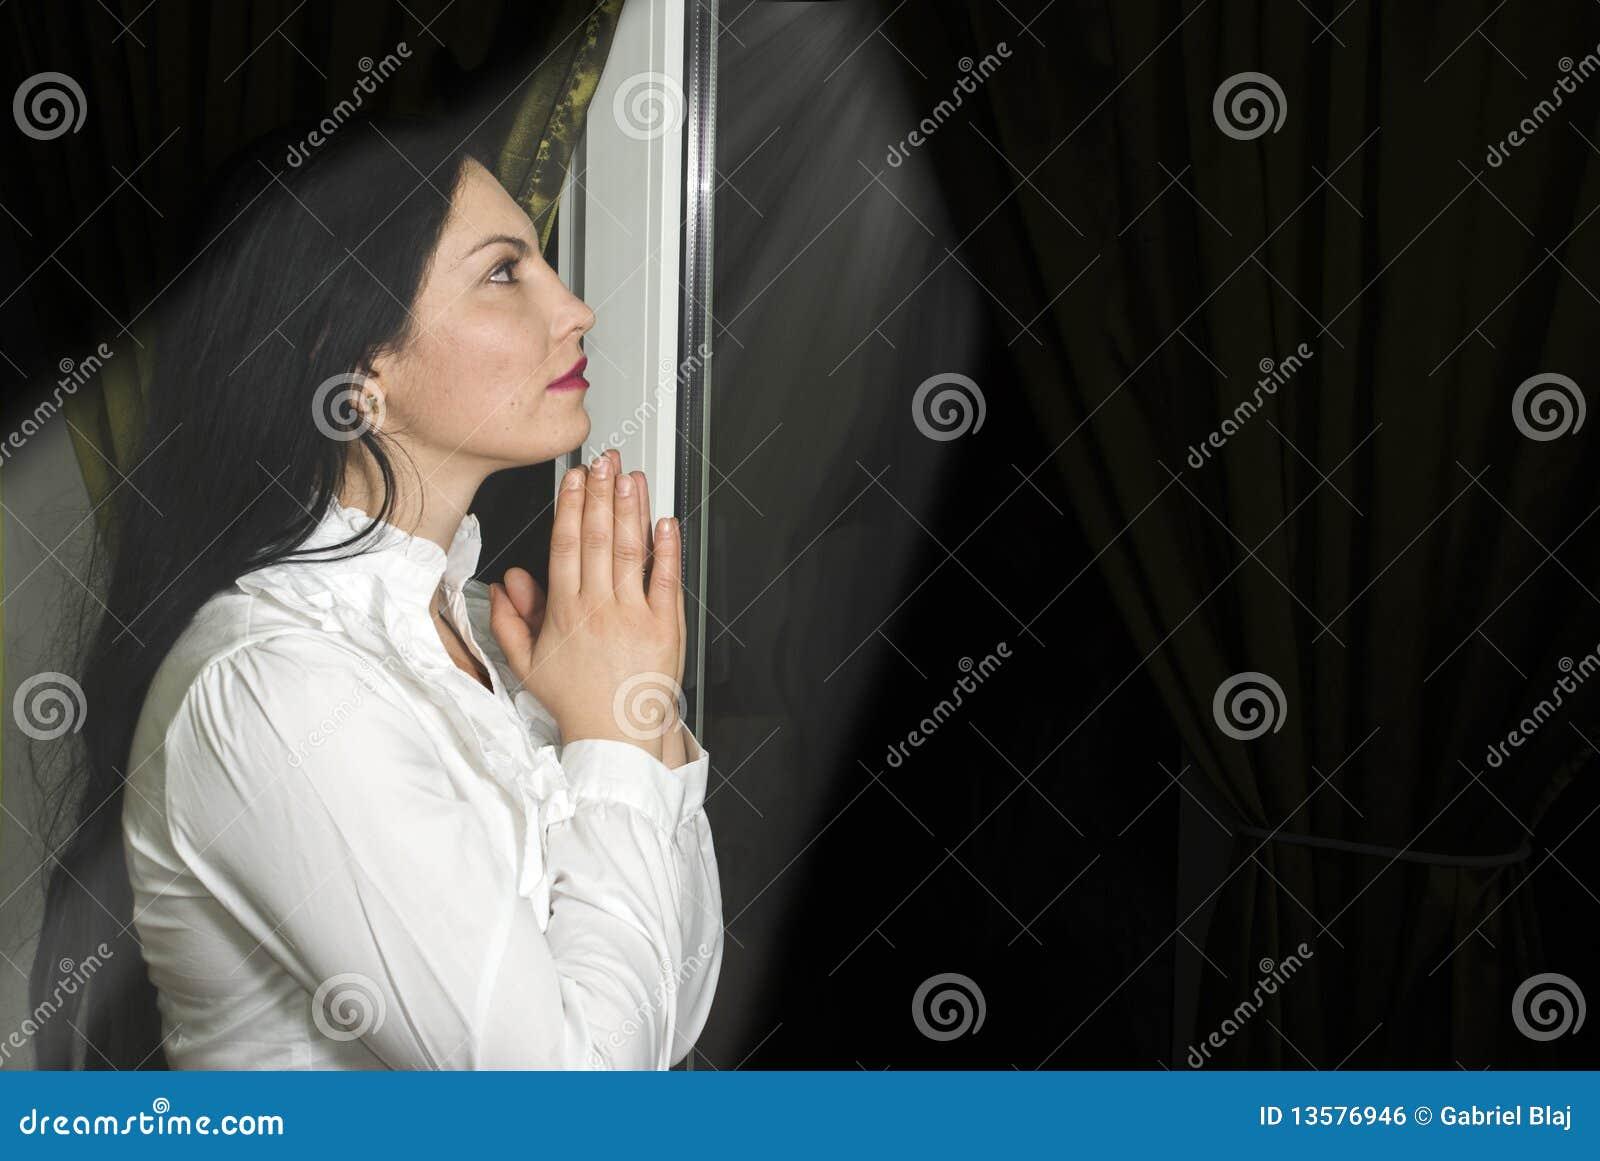 Woman prayer with faith